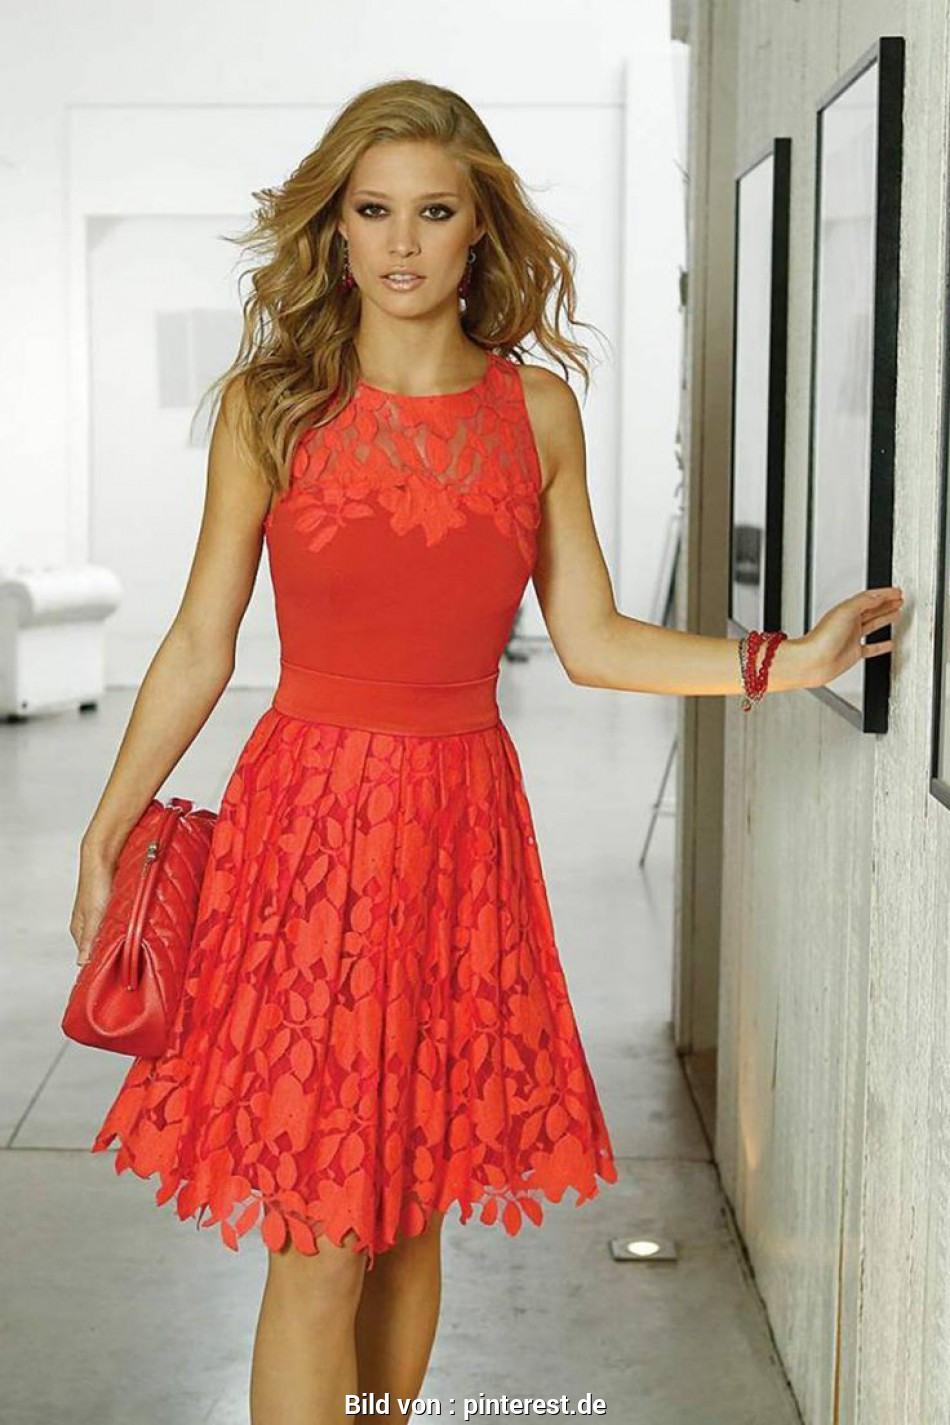 Designer Kreativ Abendkleid Für Kleine Frauen Design17 Ausgezeichnet Abendkleid Für Kleine Frauen Boutique